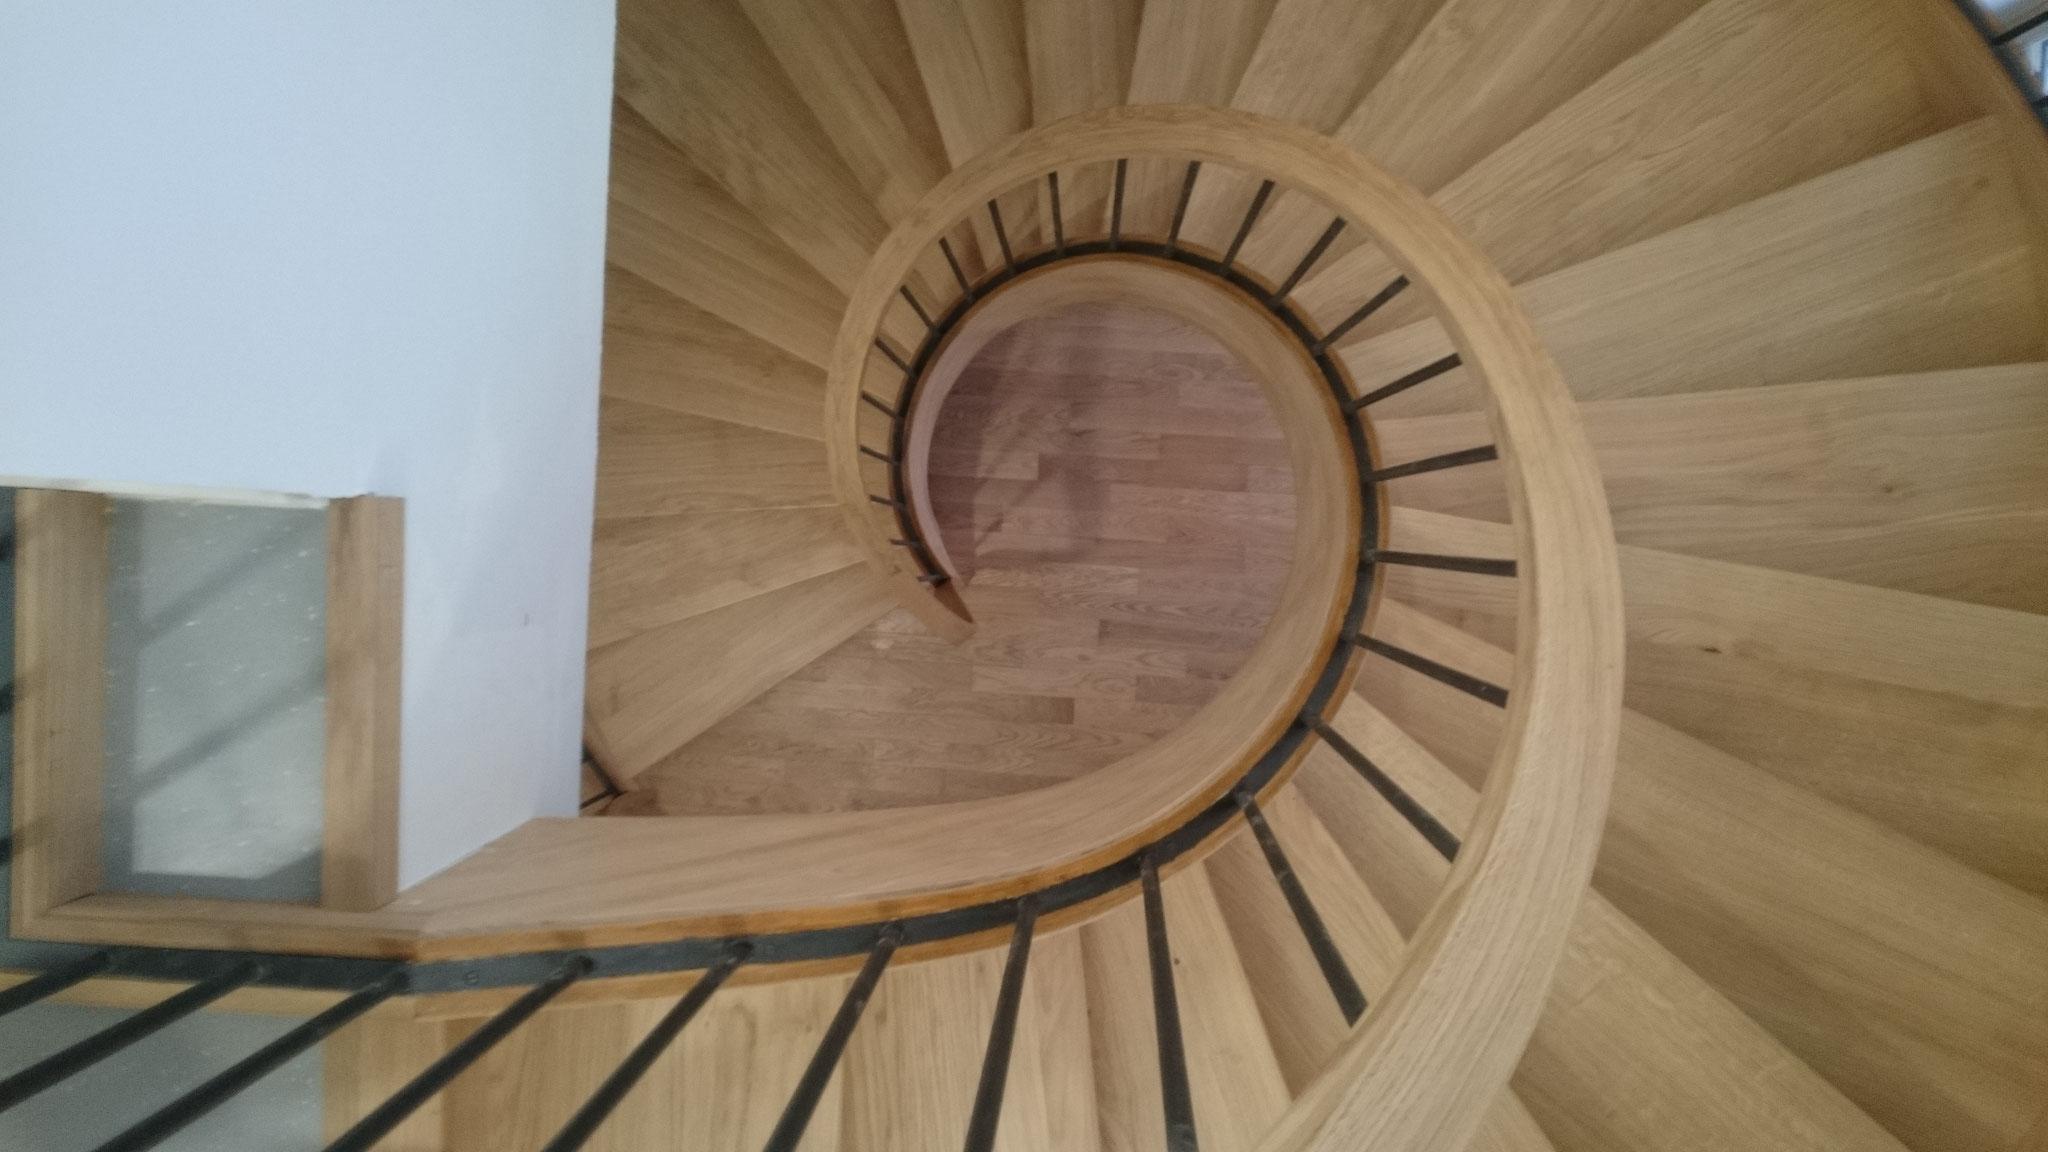 Escalier de secours - Hôtel de Ville de GONESSE